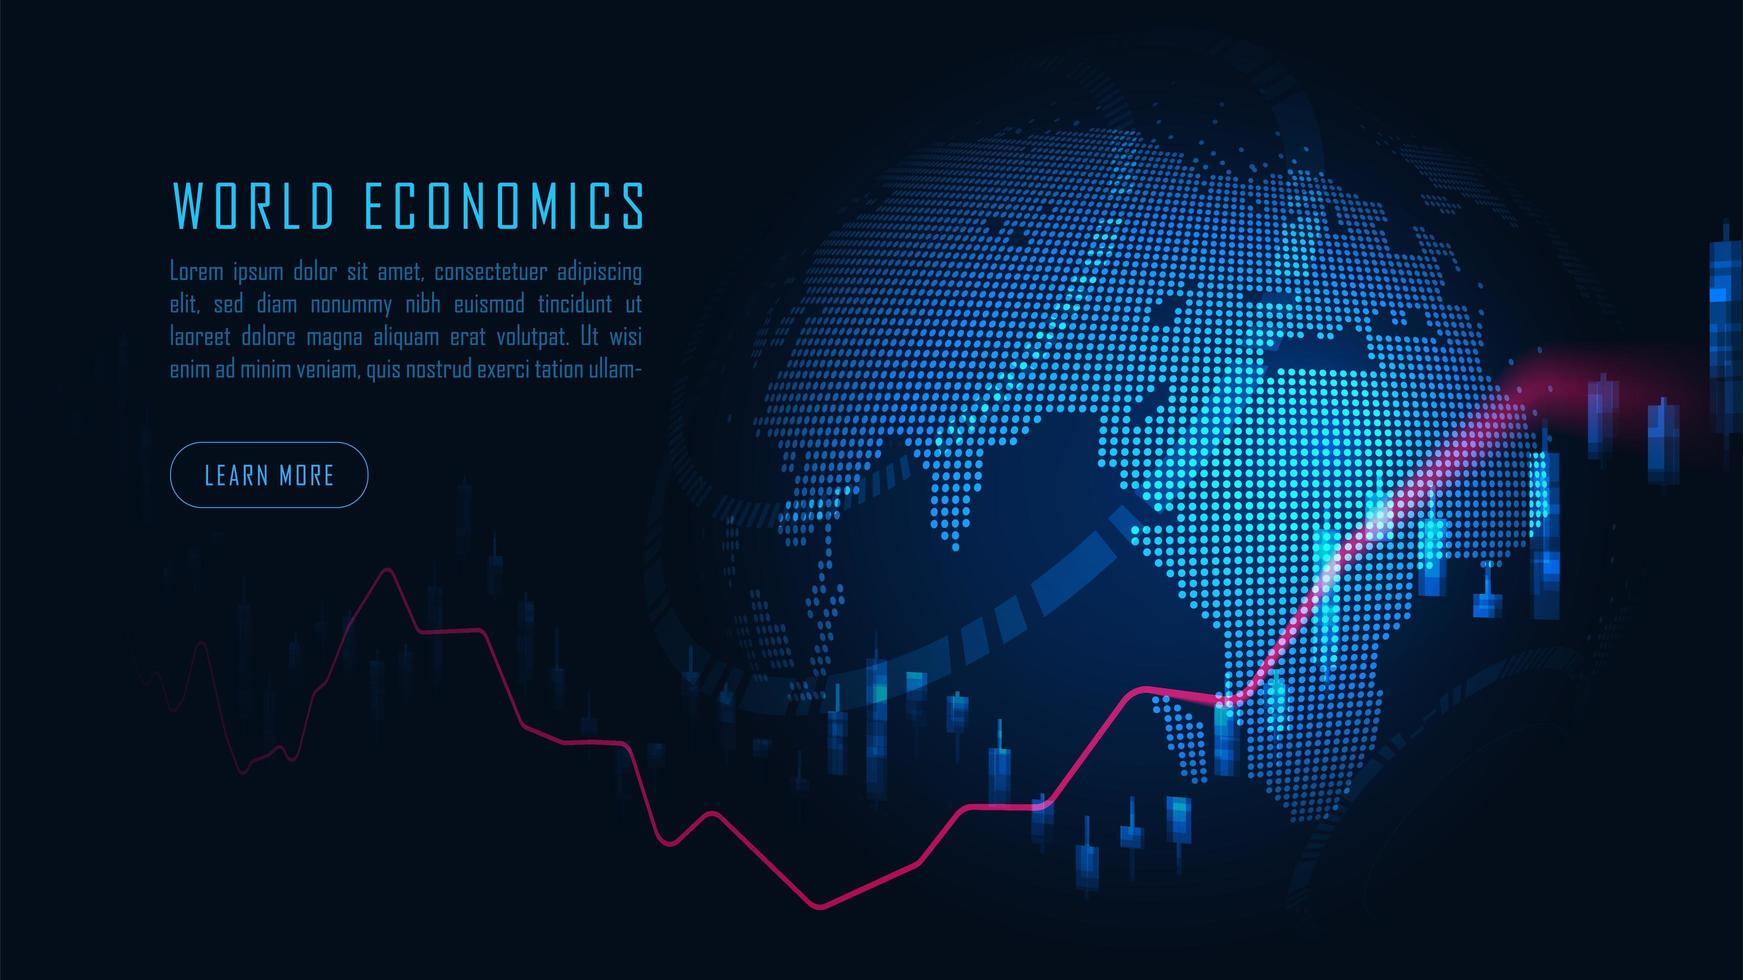 wereldwijde beurs of forex trading grafiek vector